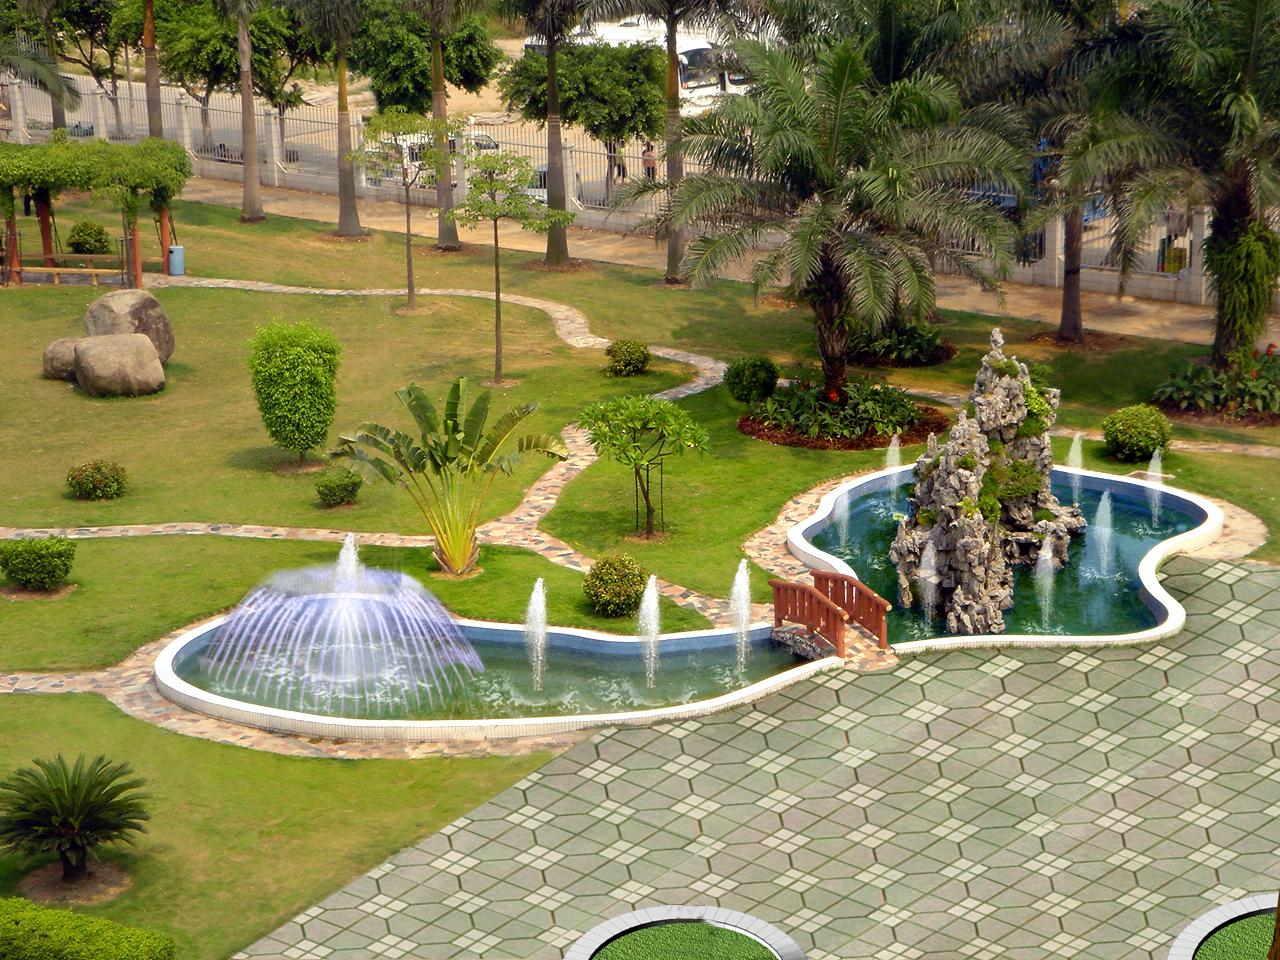 喷水池,游泳池,池塘等水池要设计成类圆形,四面水浅,并要向住宅建筑物